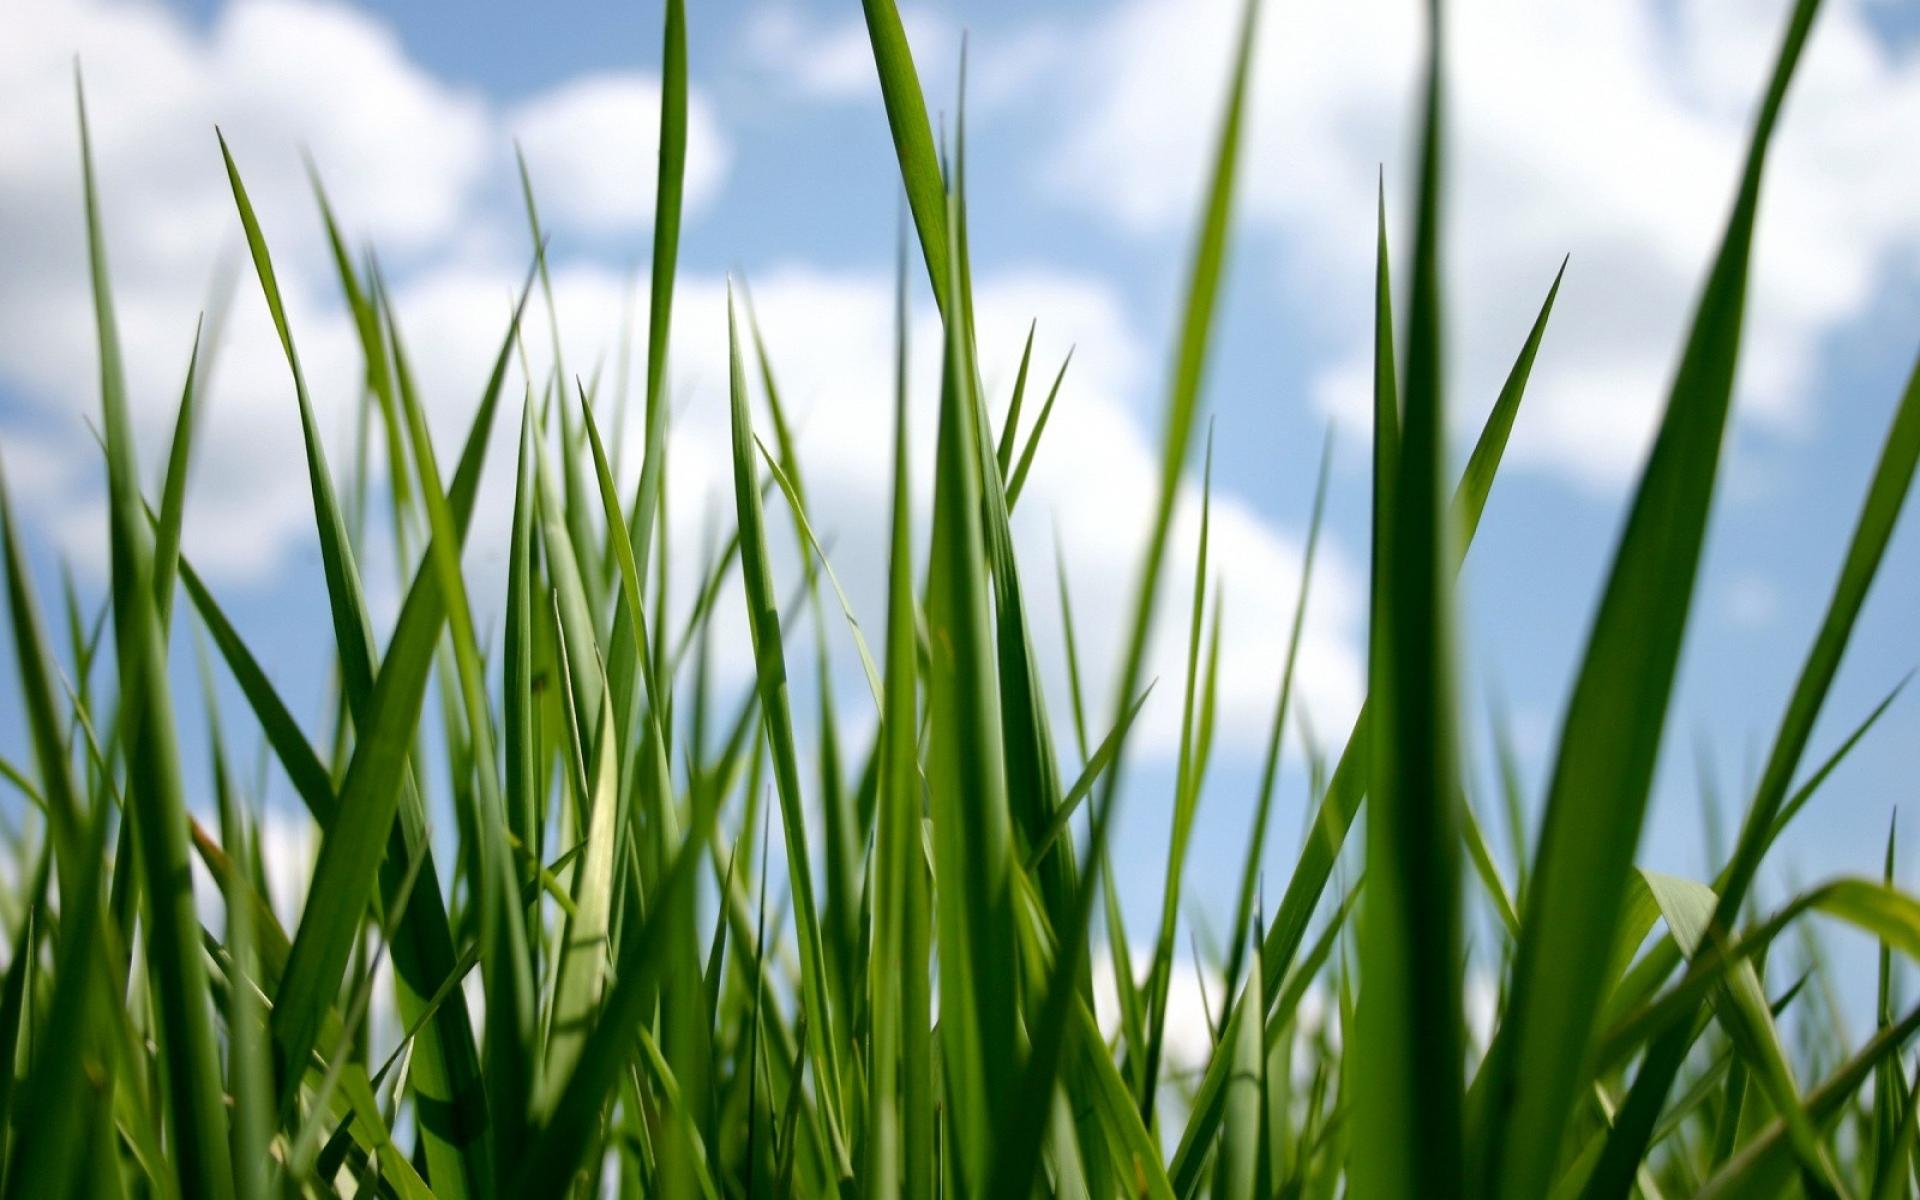 Картинки Трава, пряный, зеленый, небо фото и обои на рабочий стол